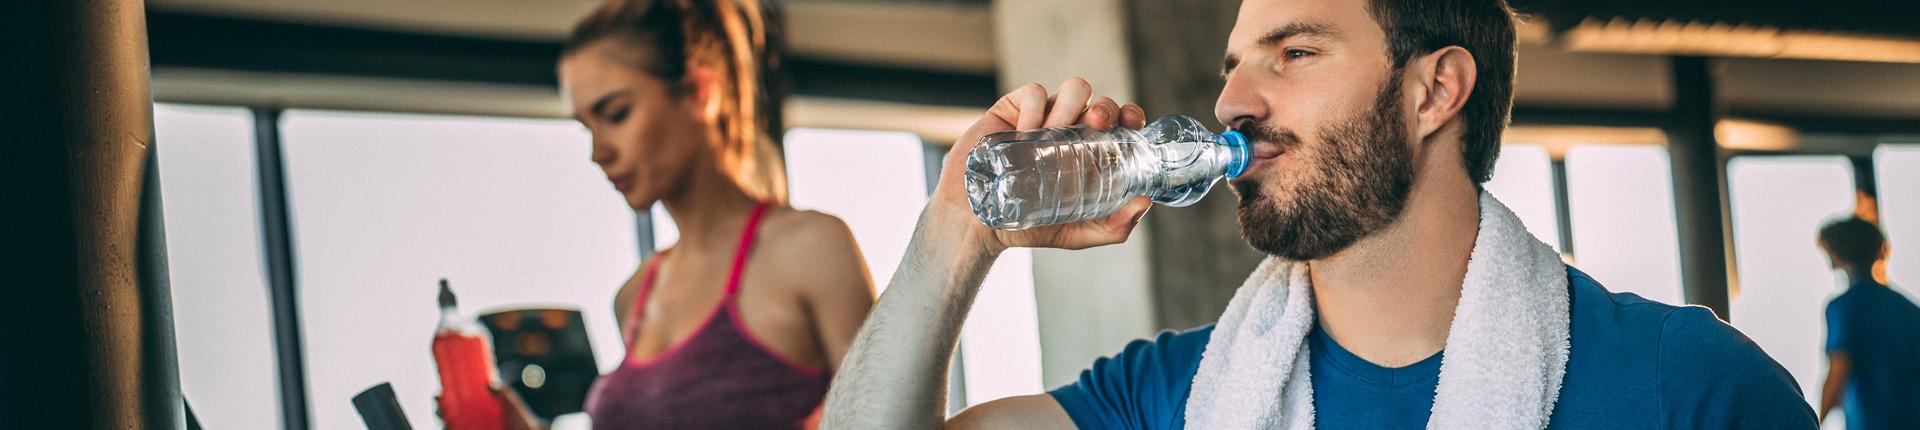 Czy pijąc więcej wody sprzyjasz odchudzaniu?